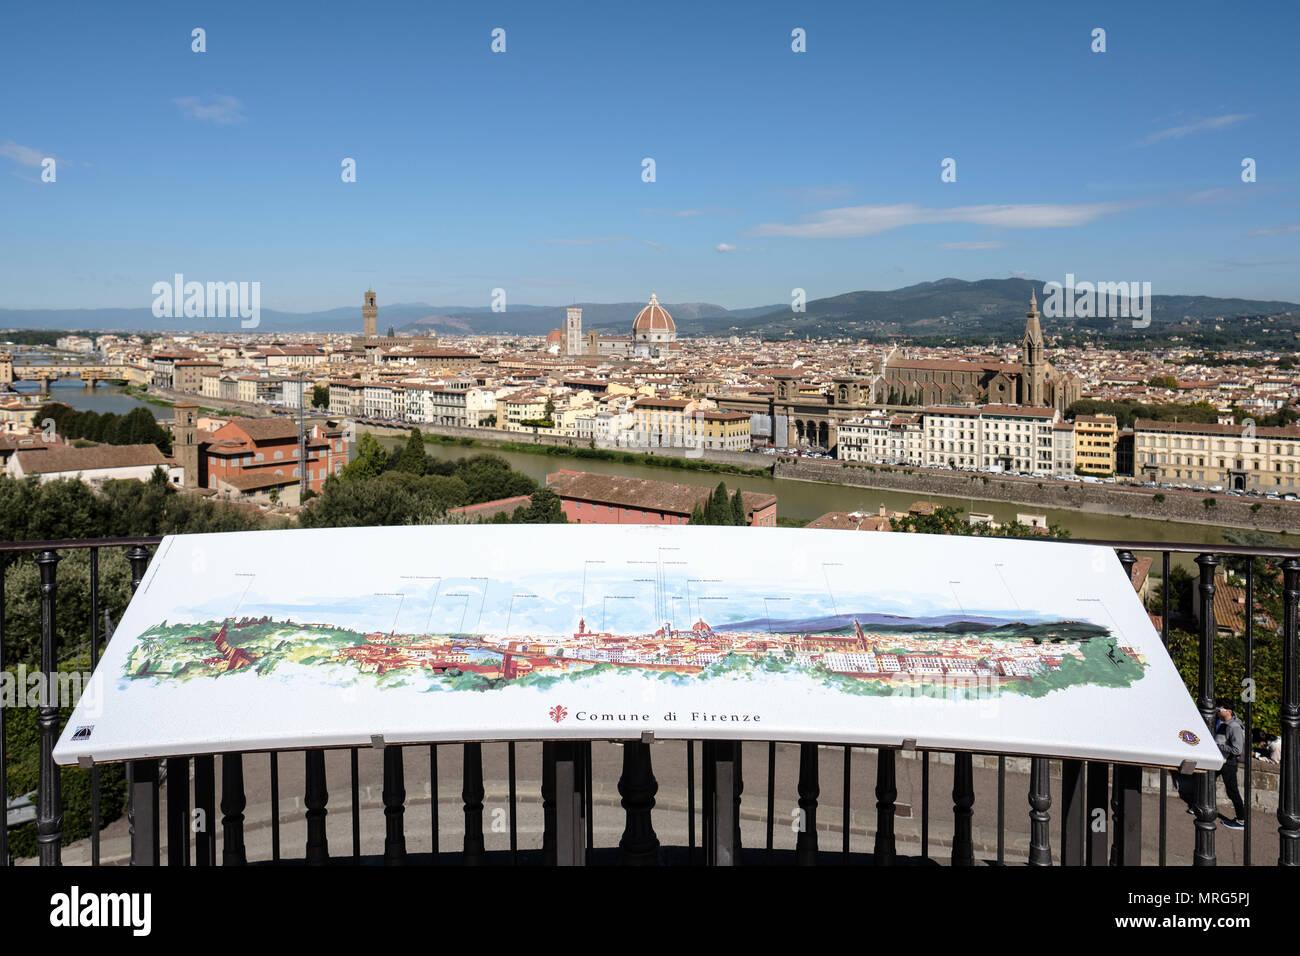 Malerei der Panoramablick auf Florenz von der Piazzale Michelangelo, Oltrarno, Florenz, Toskana, Italien, Europa, Stockbild